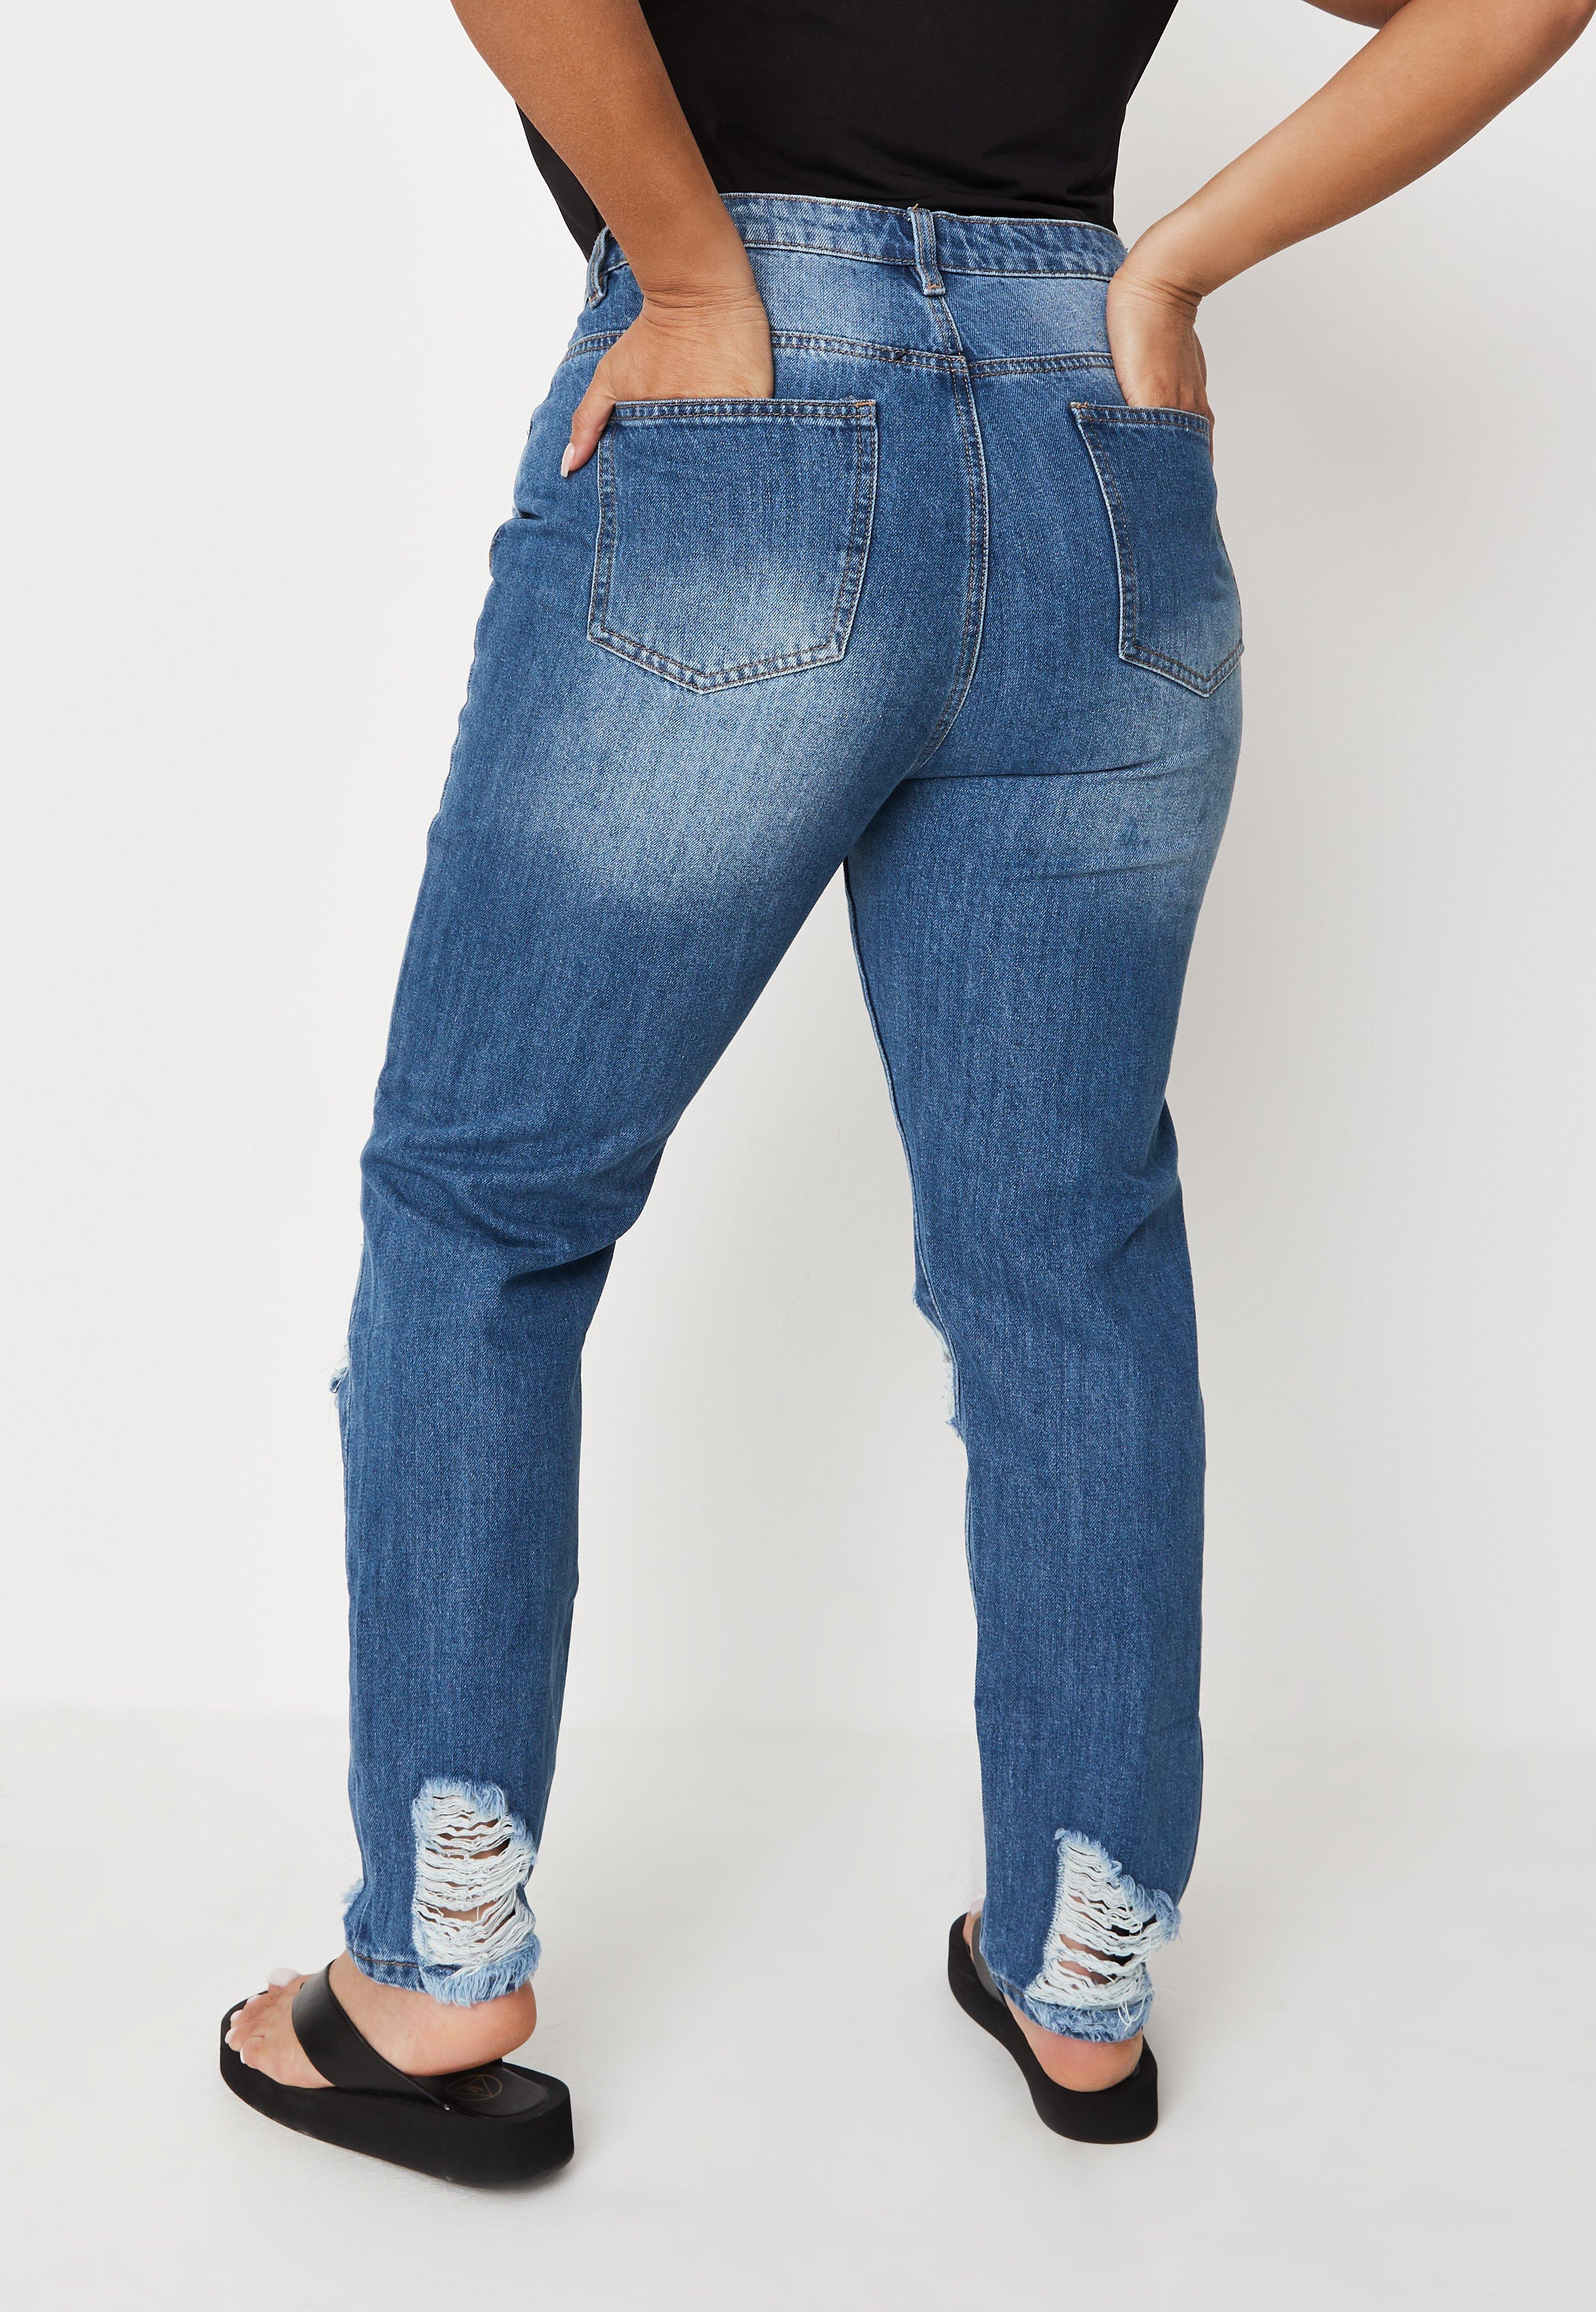 MYNT 1792 Light Blue Roll Cuff Distressed Denim Jeans Plus Sizes 18 /& 20